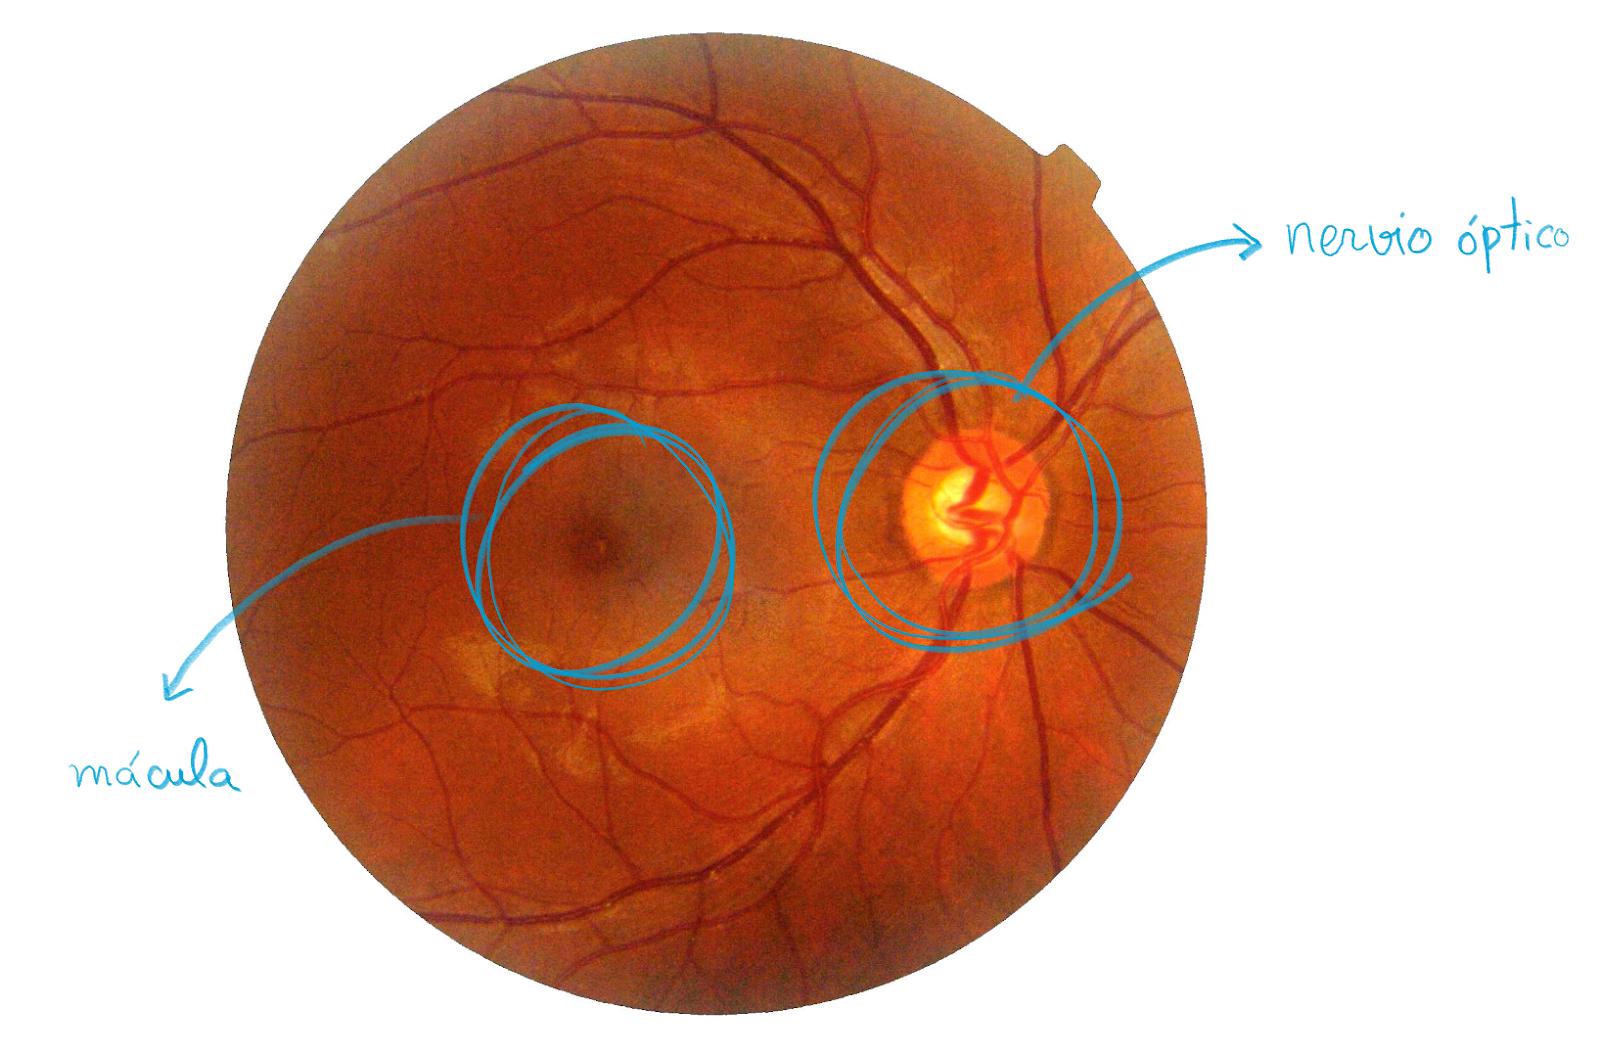 Ejemplo de retinografía de la retina en la que se señalan la mácula y el nervio óptico